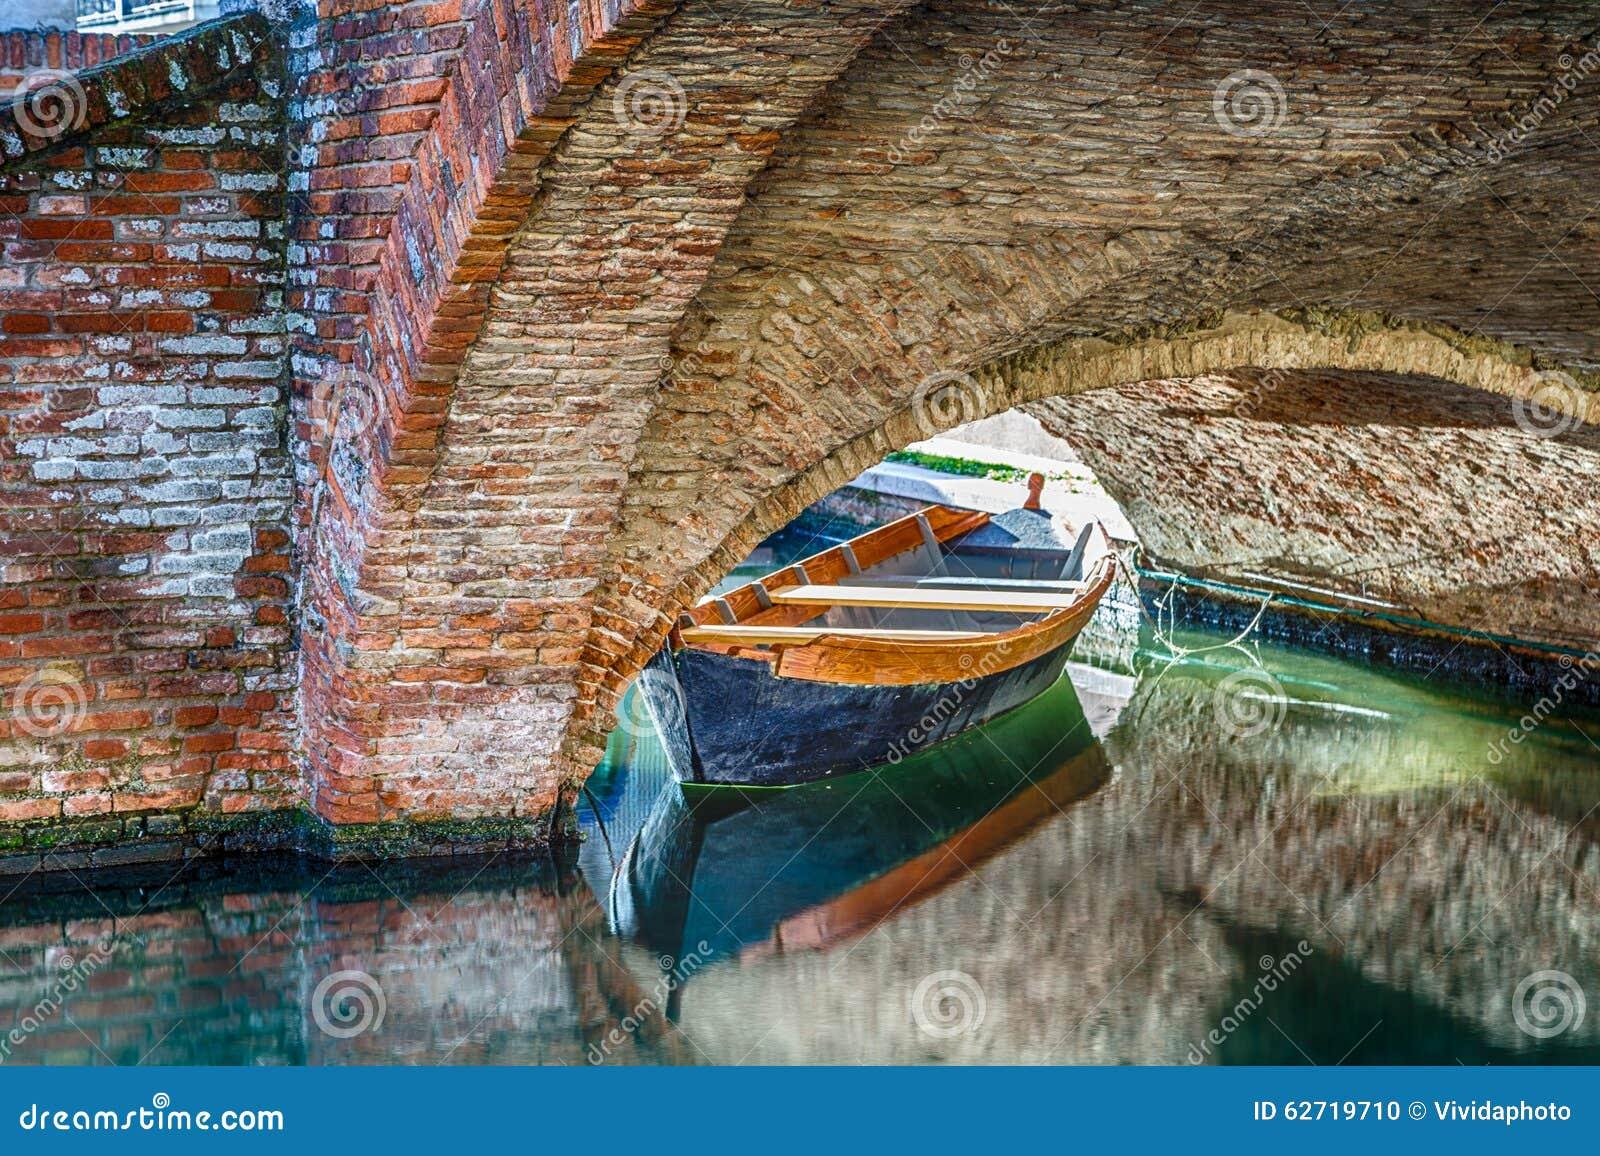 βάρκες και γέφυρες σε Comacchio, η μικρή Βενετία